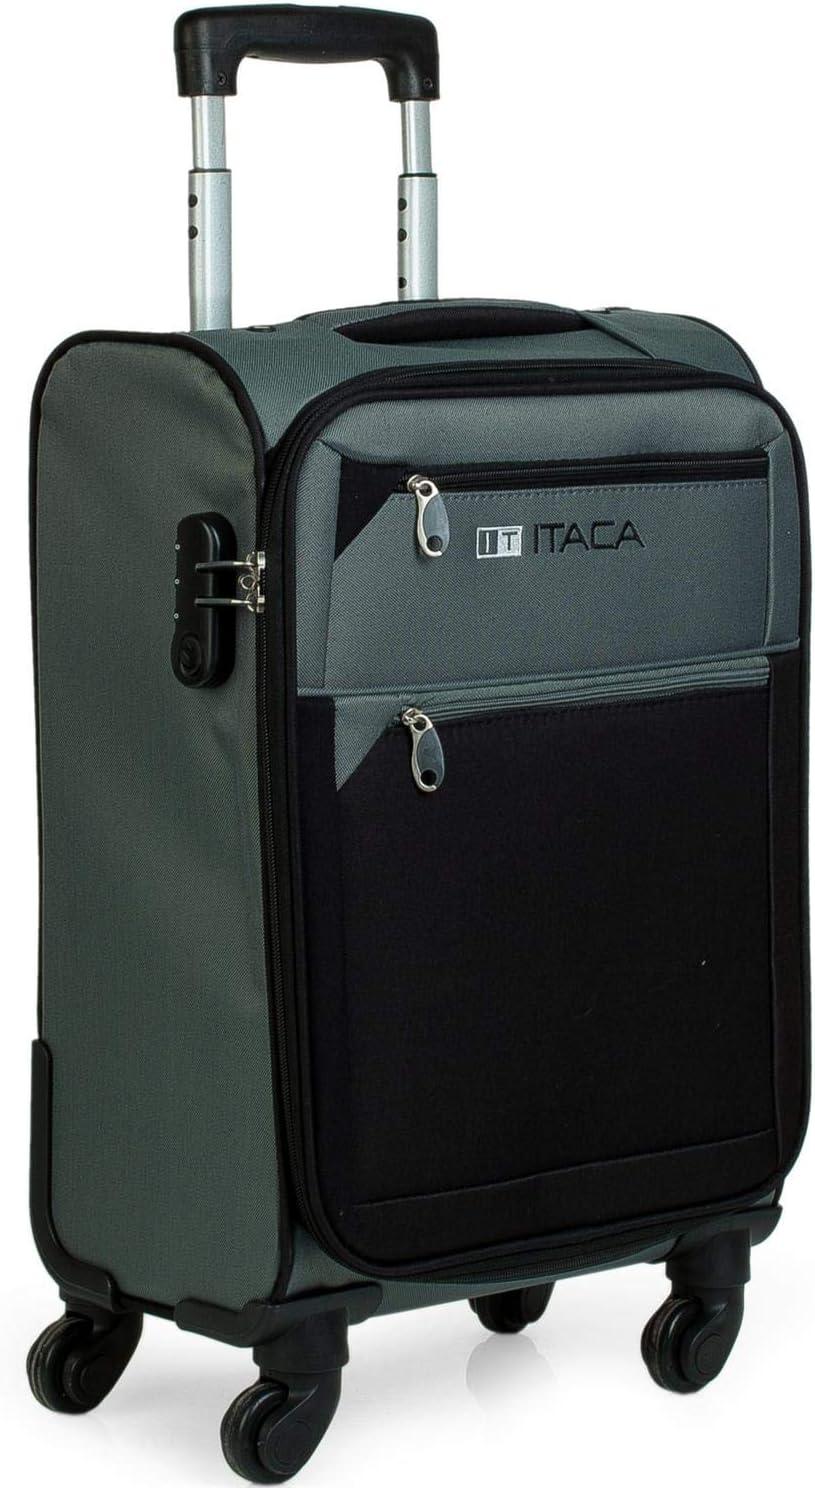 ITACA - Maleta de Viaje Cabina 4 Ruedas Trolley 54 cm Poliéster EVA. Equipaje de Mano. Blanda, Resistente y Ligera. Mango Asas Candado. Low Cost Ryanair. 701050, Color Gris-Negro